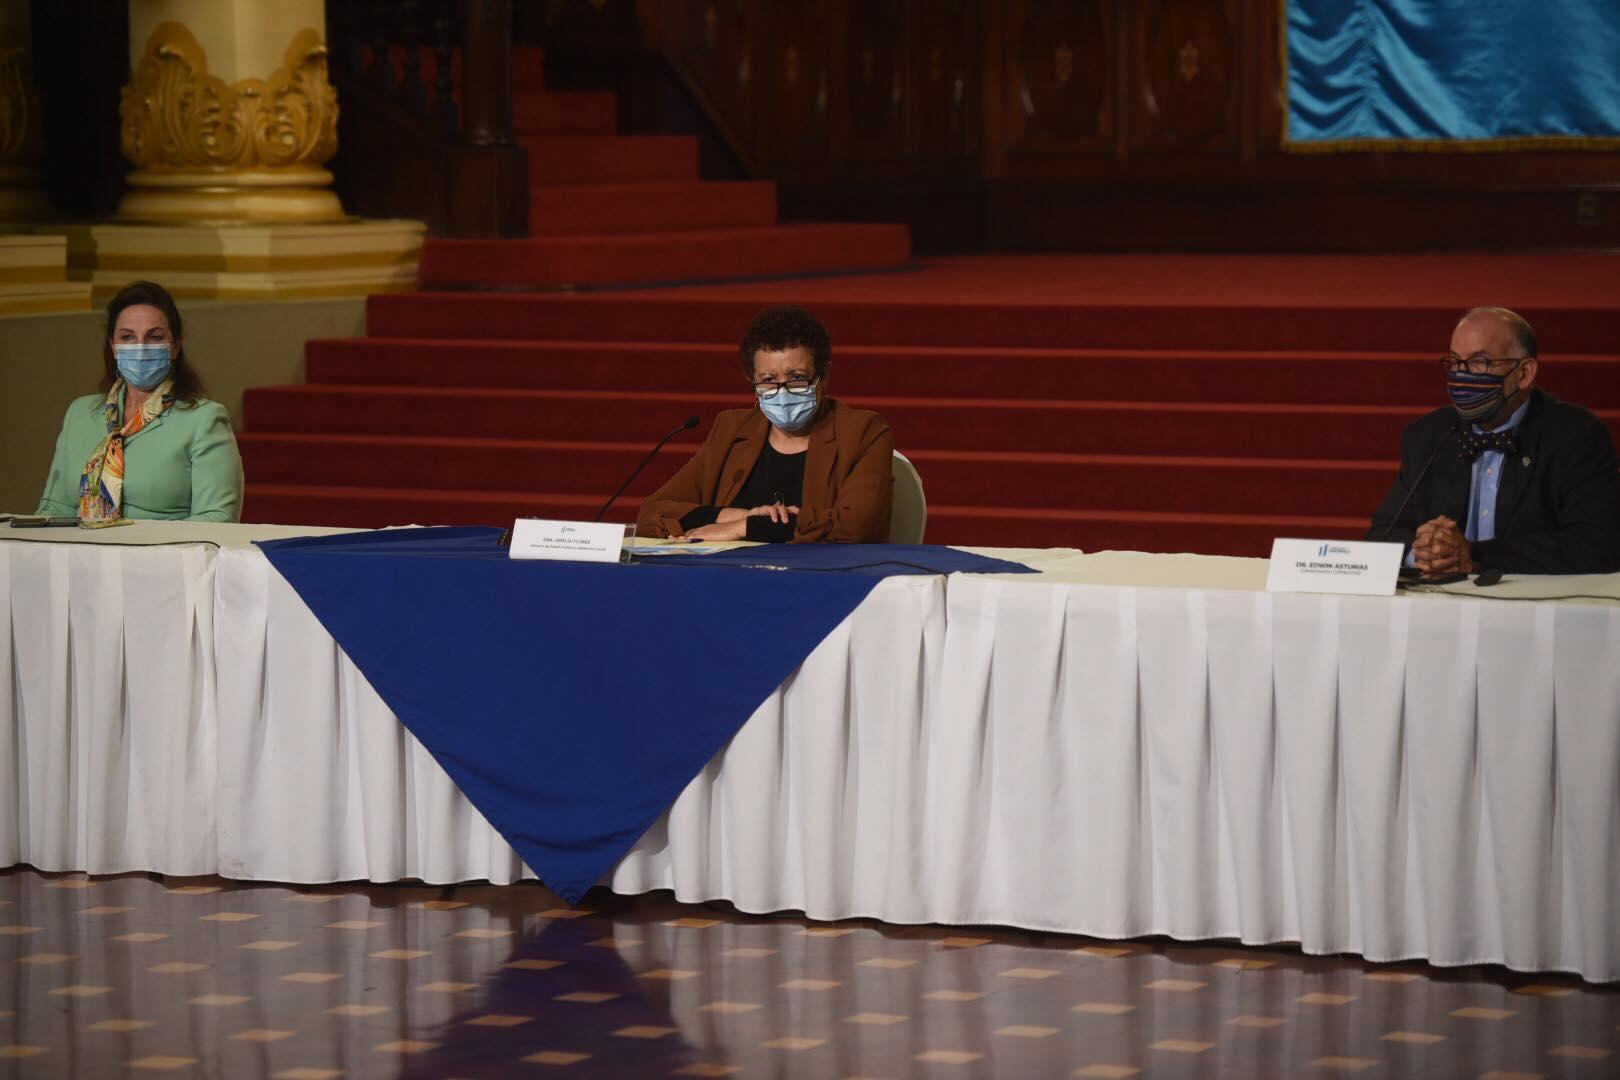 Ministerio de Salud y Coprecovid explican situación de la pandemia y nuevas disposiciones